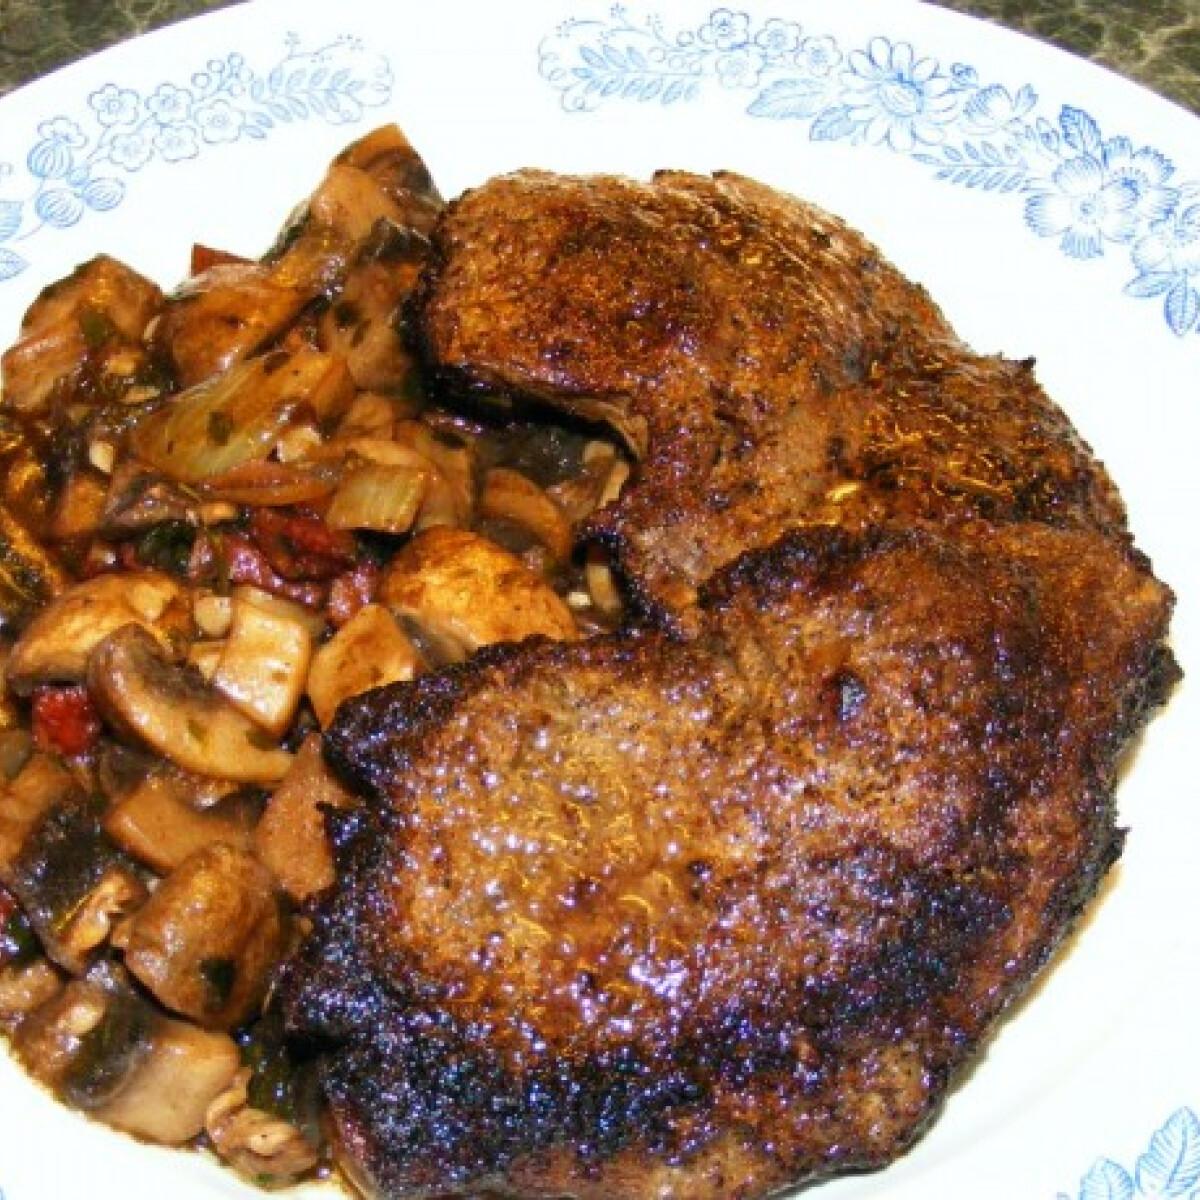 Ezen a képen: Sült marhaszelet vörösboros gombaraguval